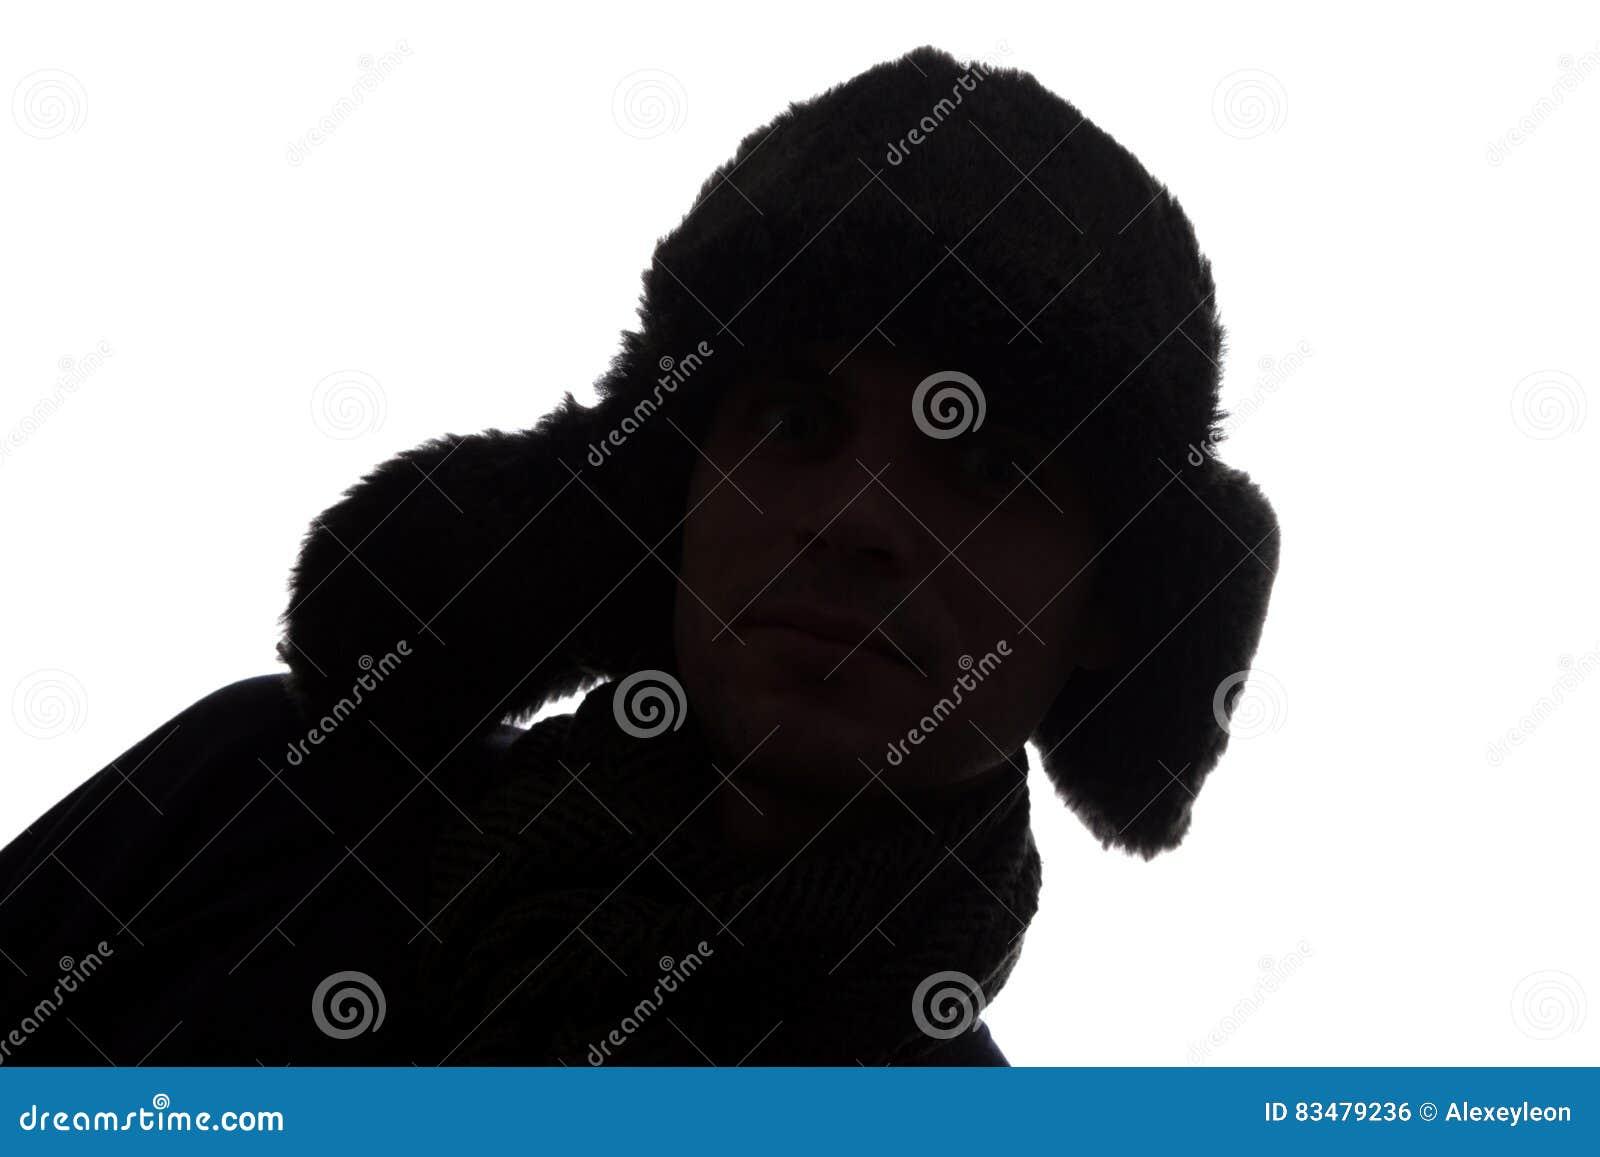 Hombre joven en look ahead del sombrero - silueta horizontal